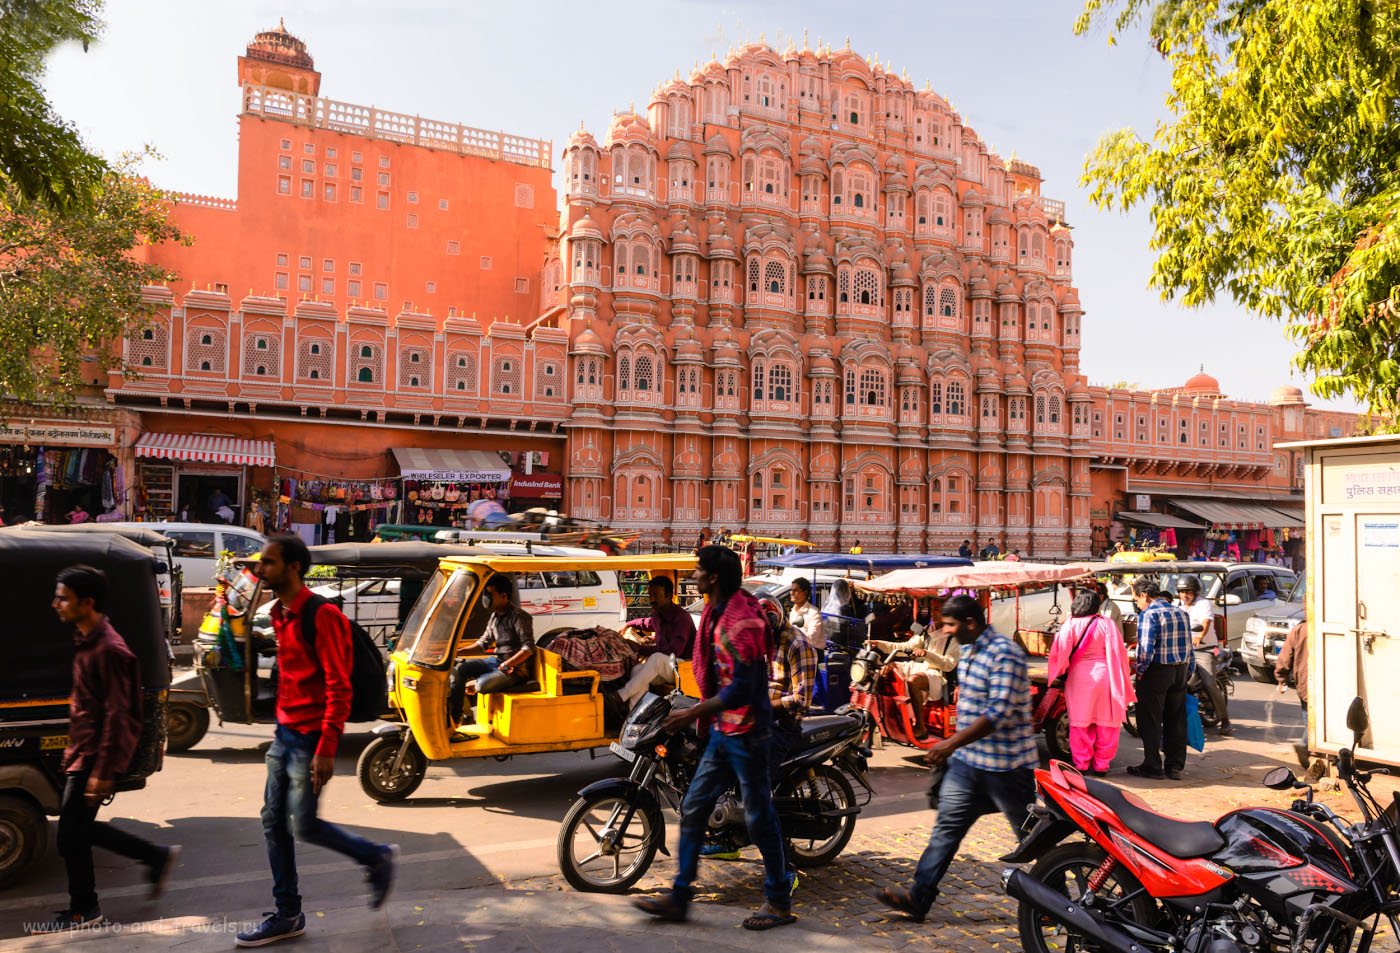 Фото 6. Дворец Хава-Махал в Джайпуре. Отзывы о самостоятельных экскурсиях по Золотому треугольнику Индии. 1/50, 11.0, 100, 24.